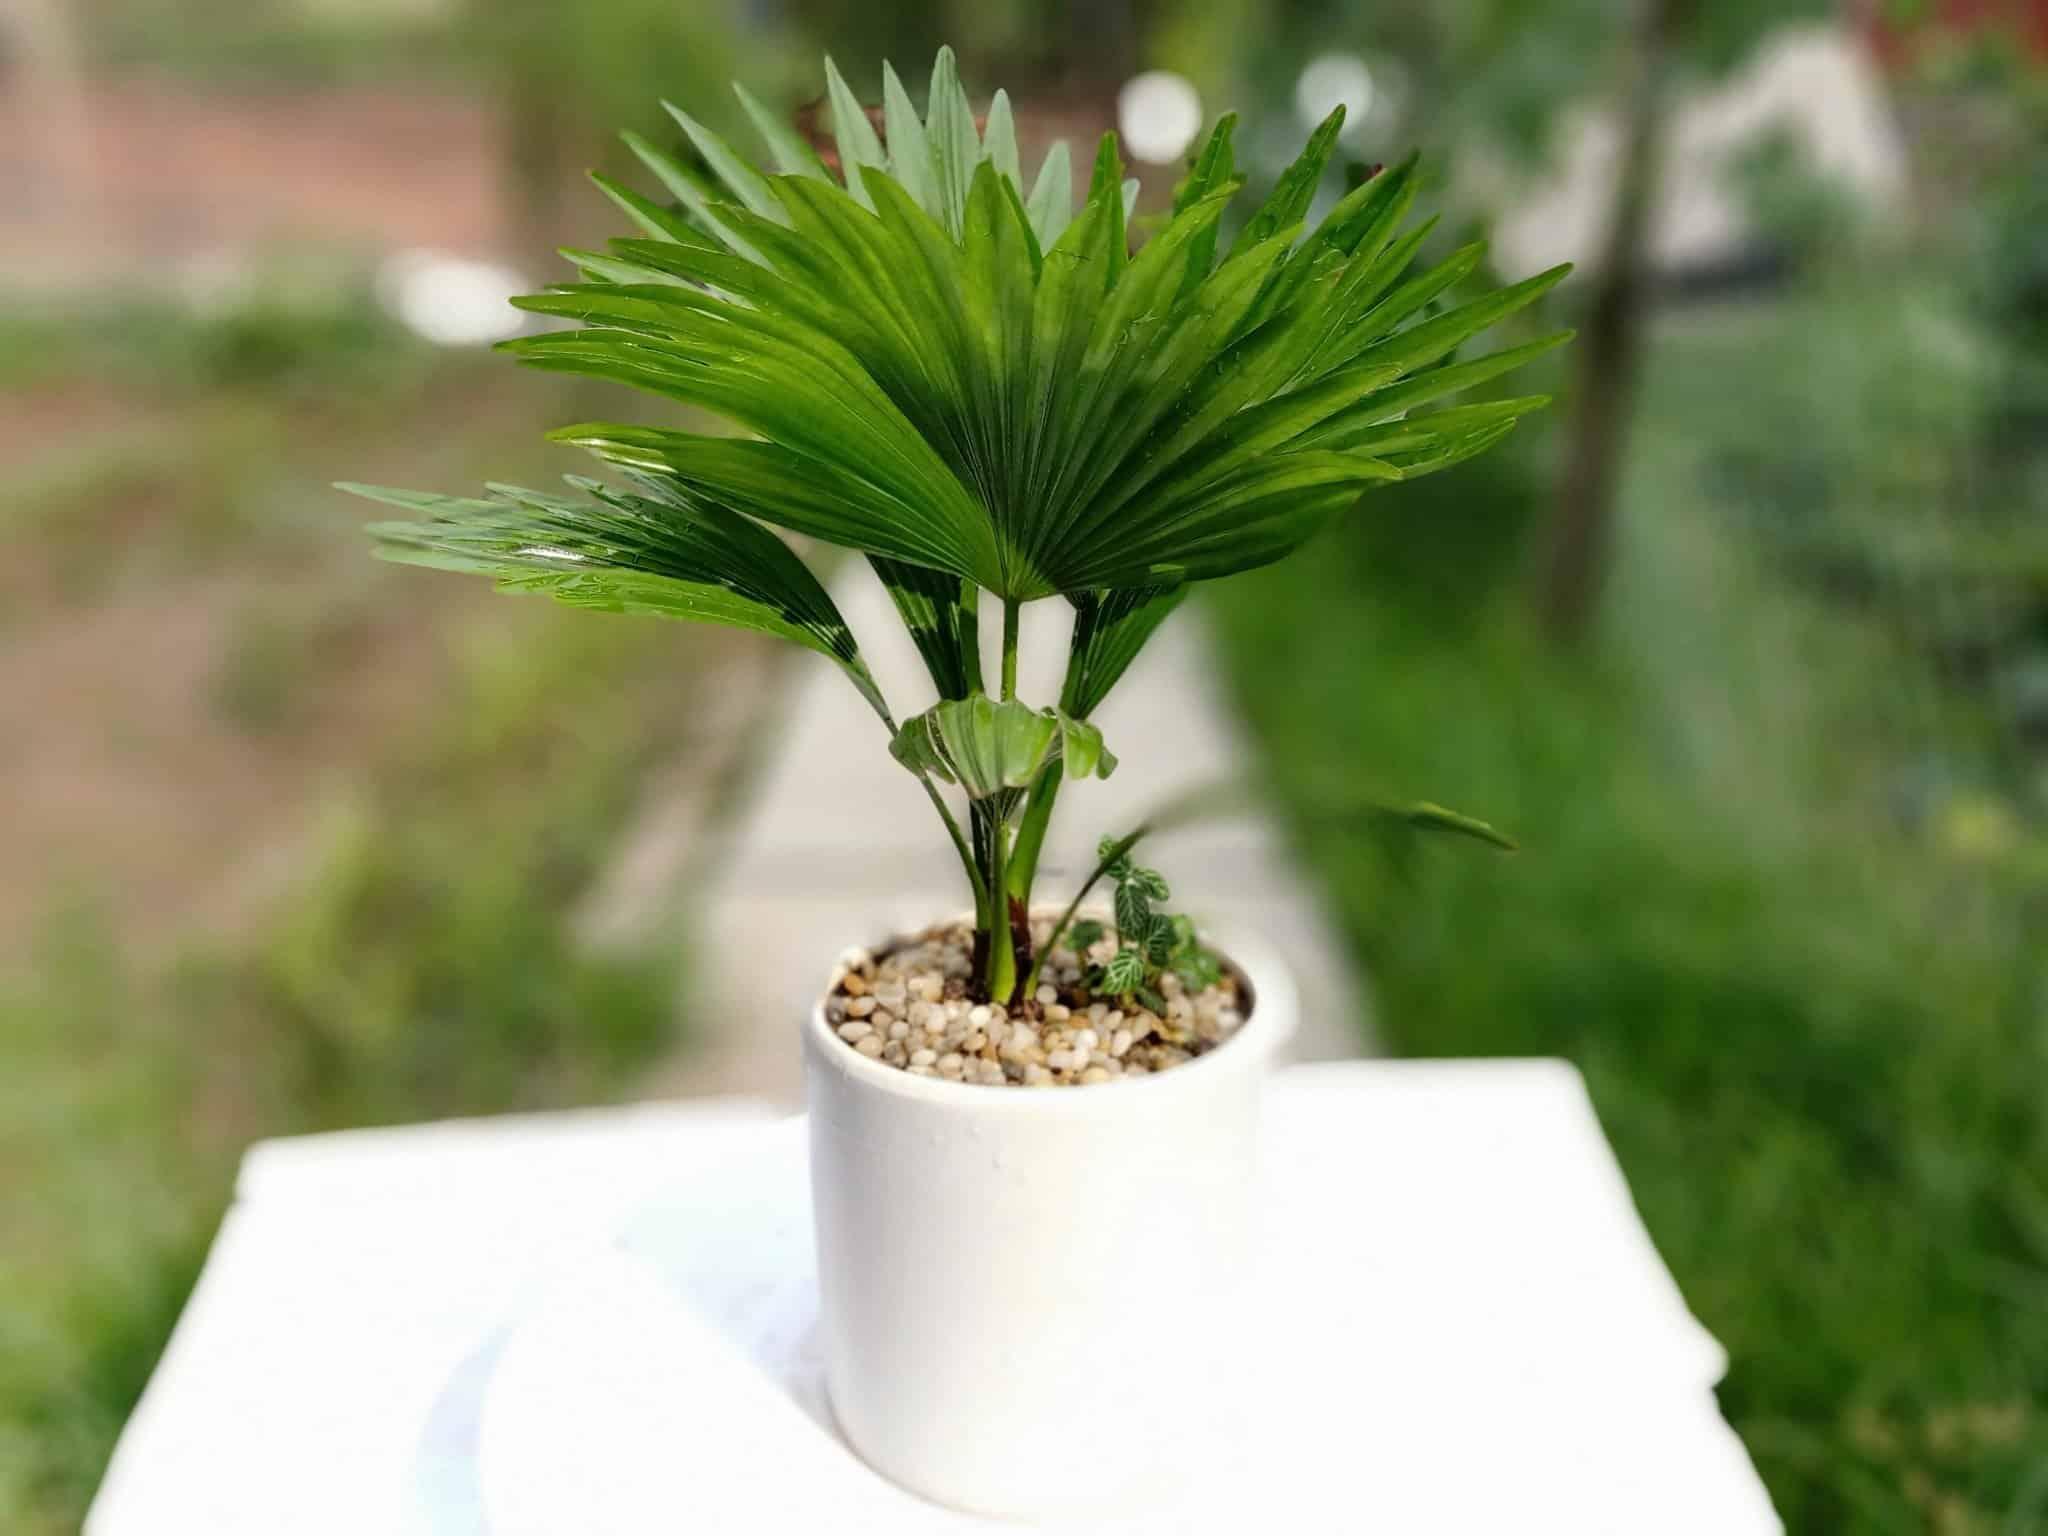 Ảnh cây cọ Nhật - Tiểu cảnh văn phòng mini